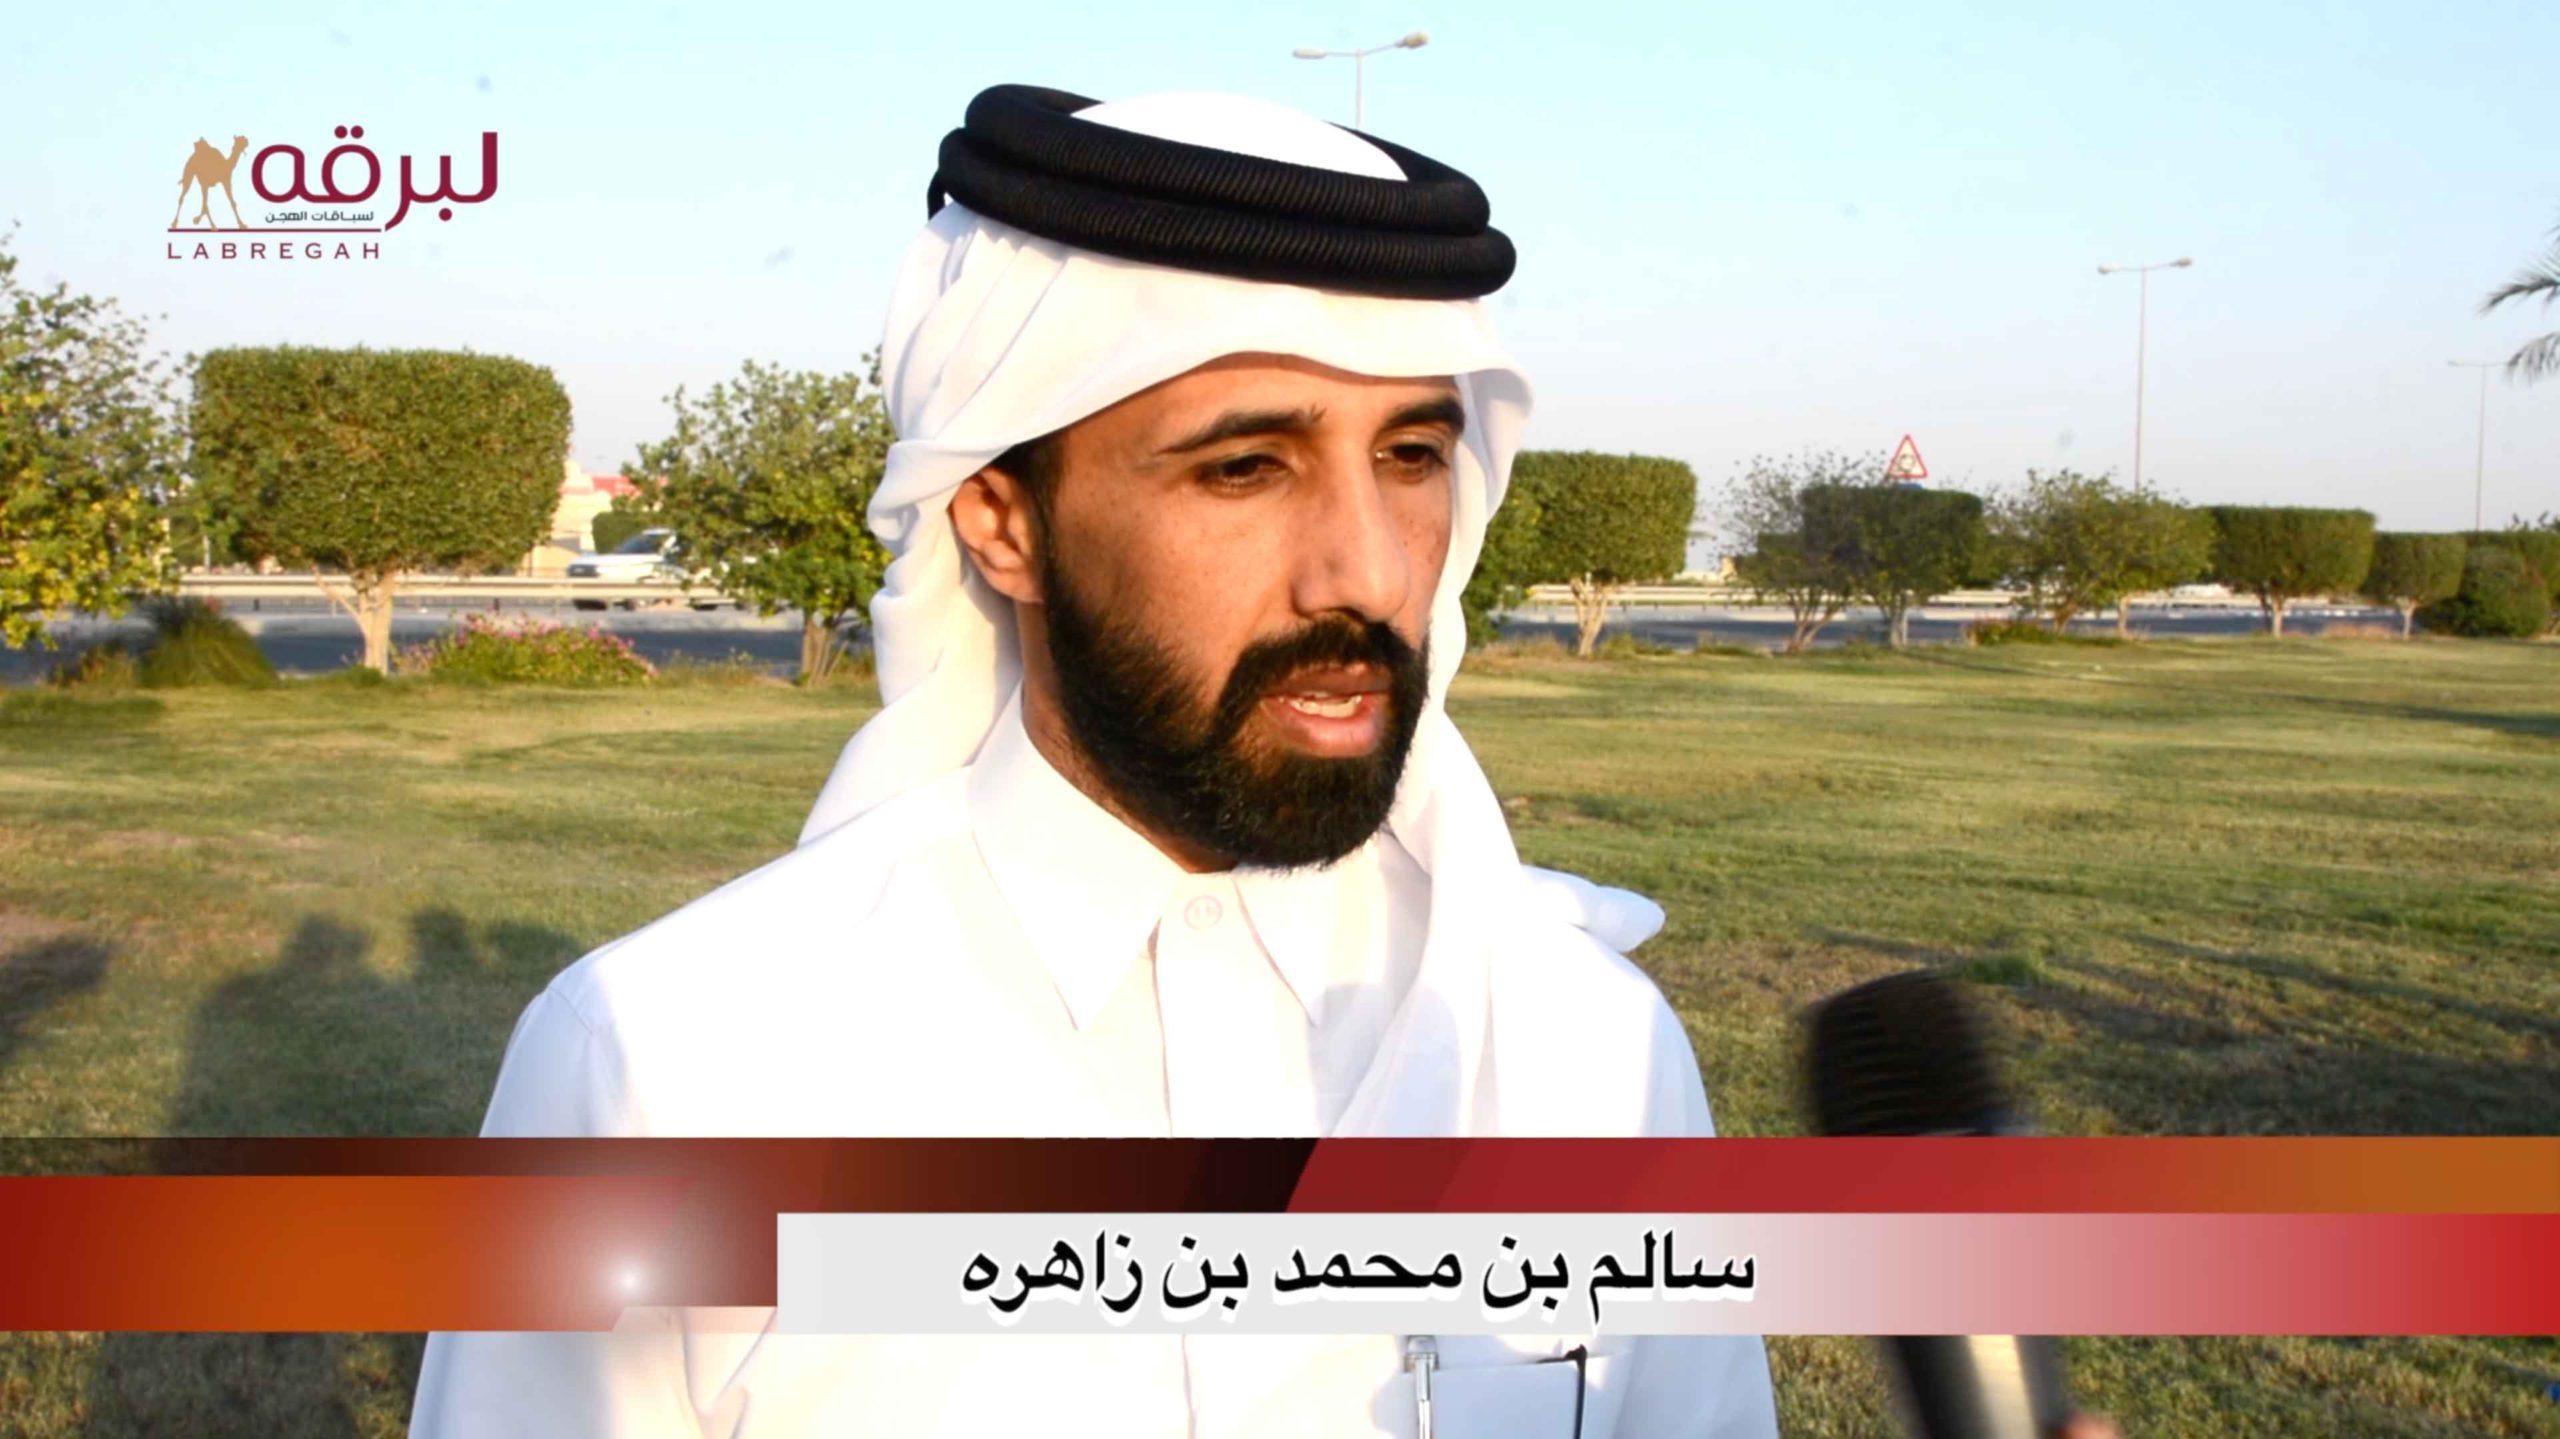 لقاء مع سالم بن محمد بن زاهره.. الشوط الرئيسي للقايا بكار إنتاج الأشواط المفتوحة مساء ٢١-١٠-٢٠٢٠